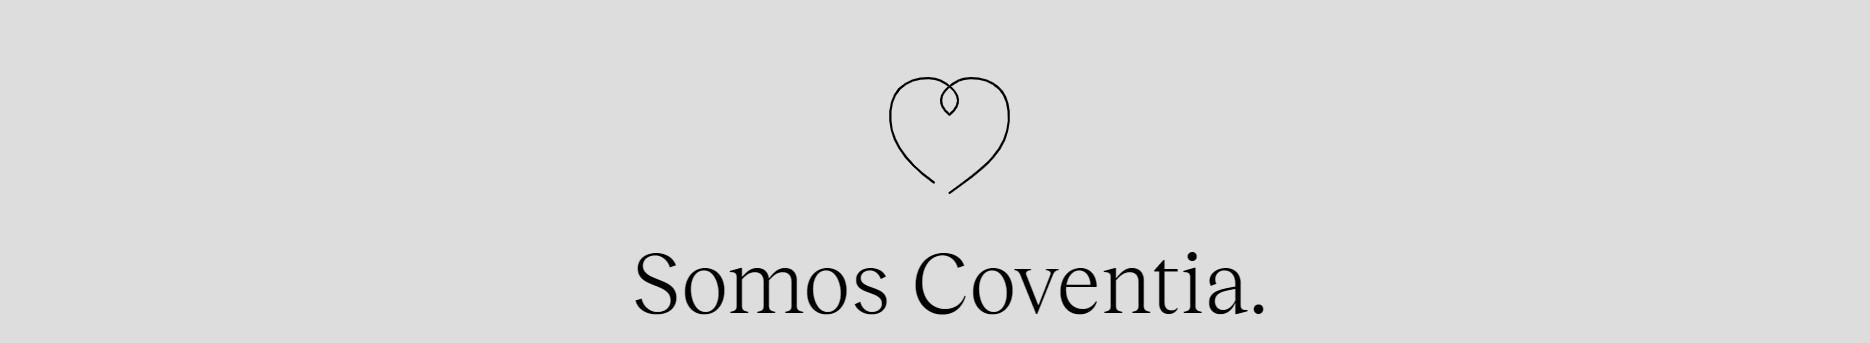 Coventia | LinkedIn